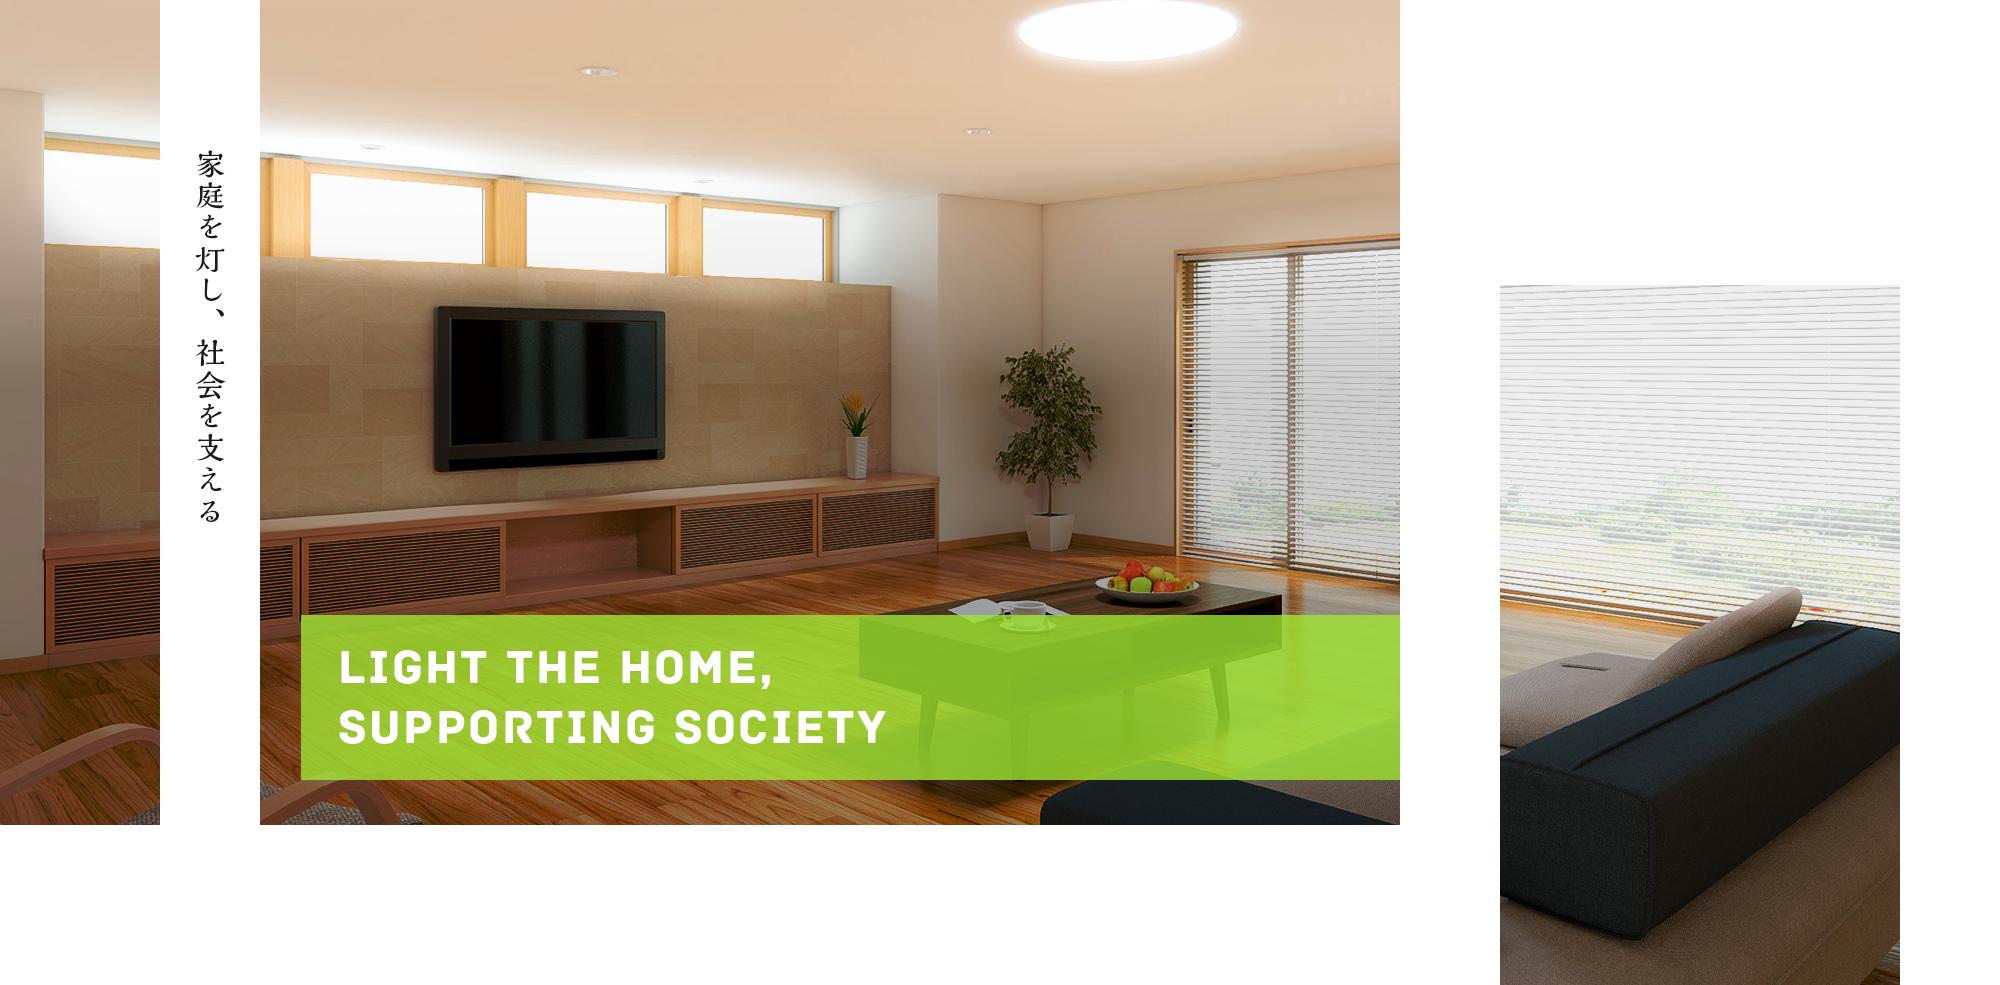 家庭を灯し、社会を支える【株式会社中萩電業】